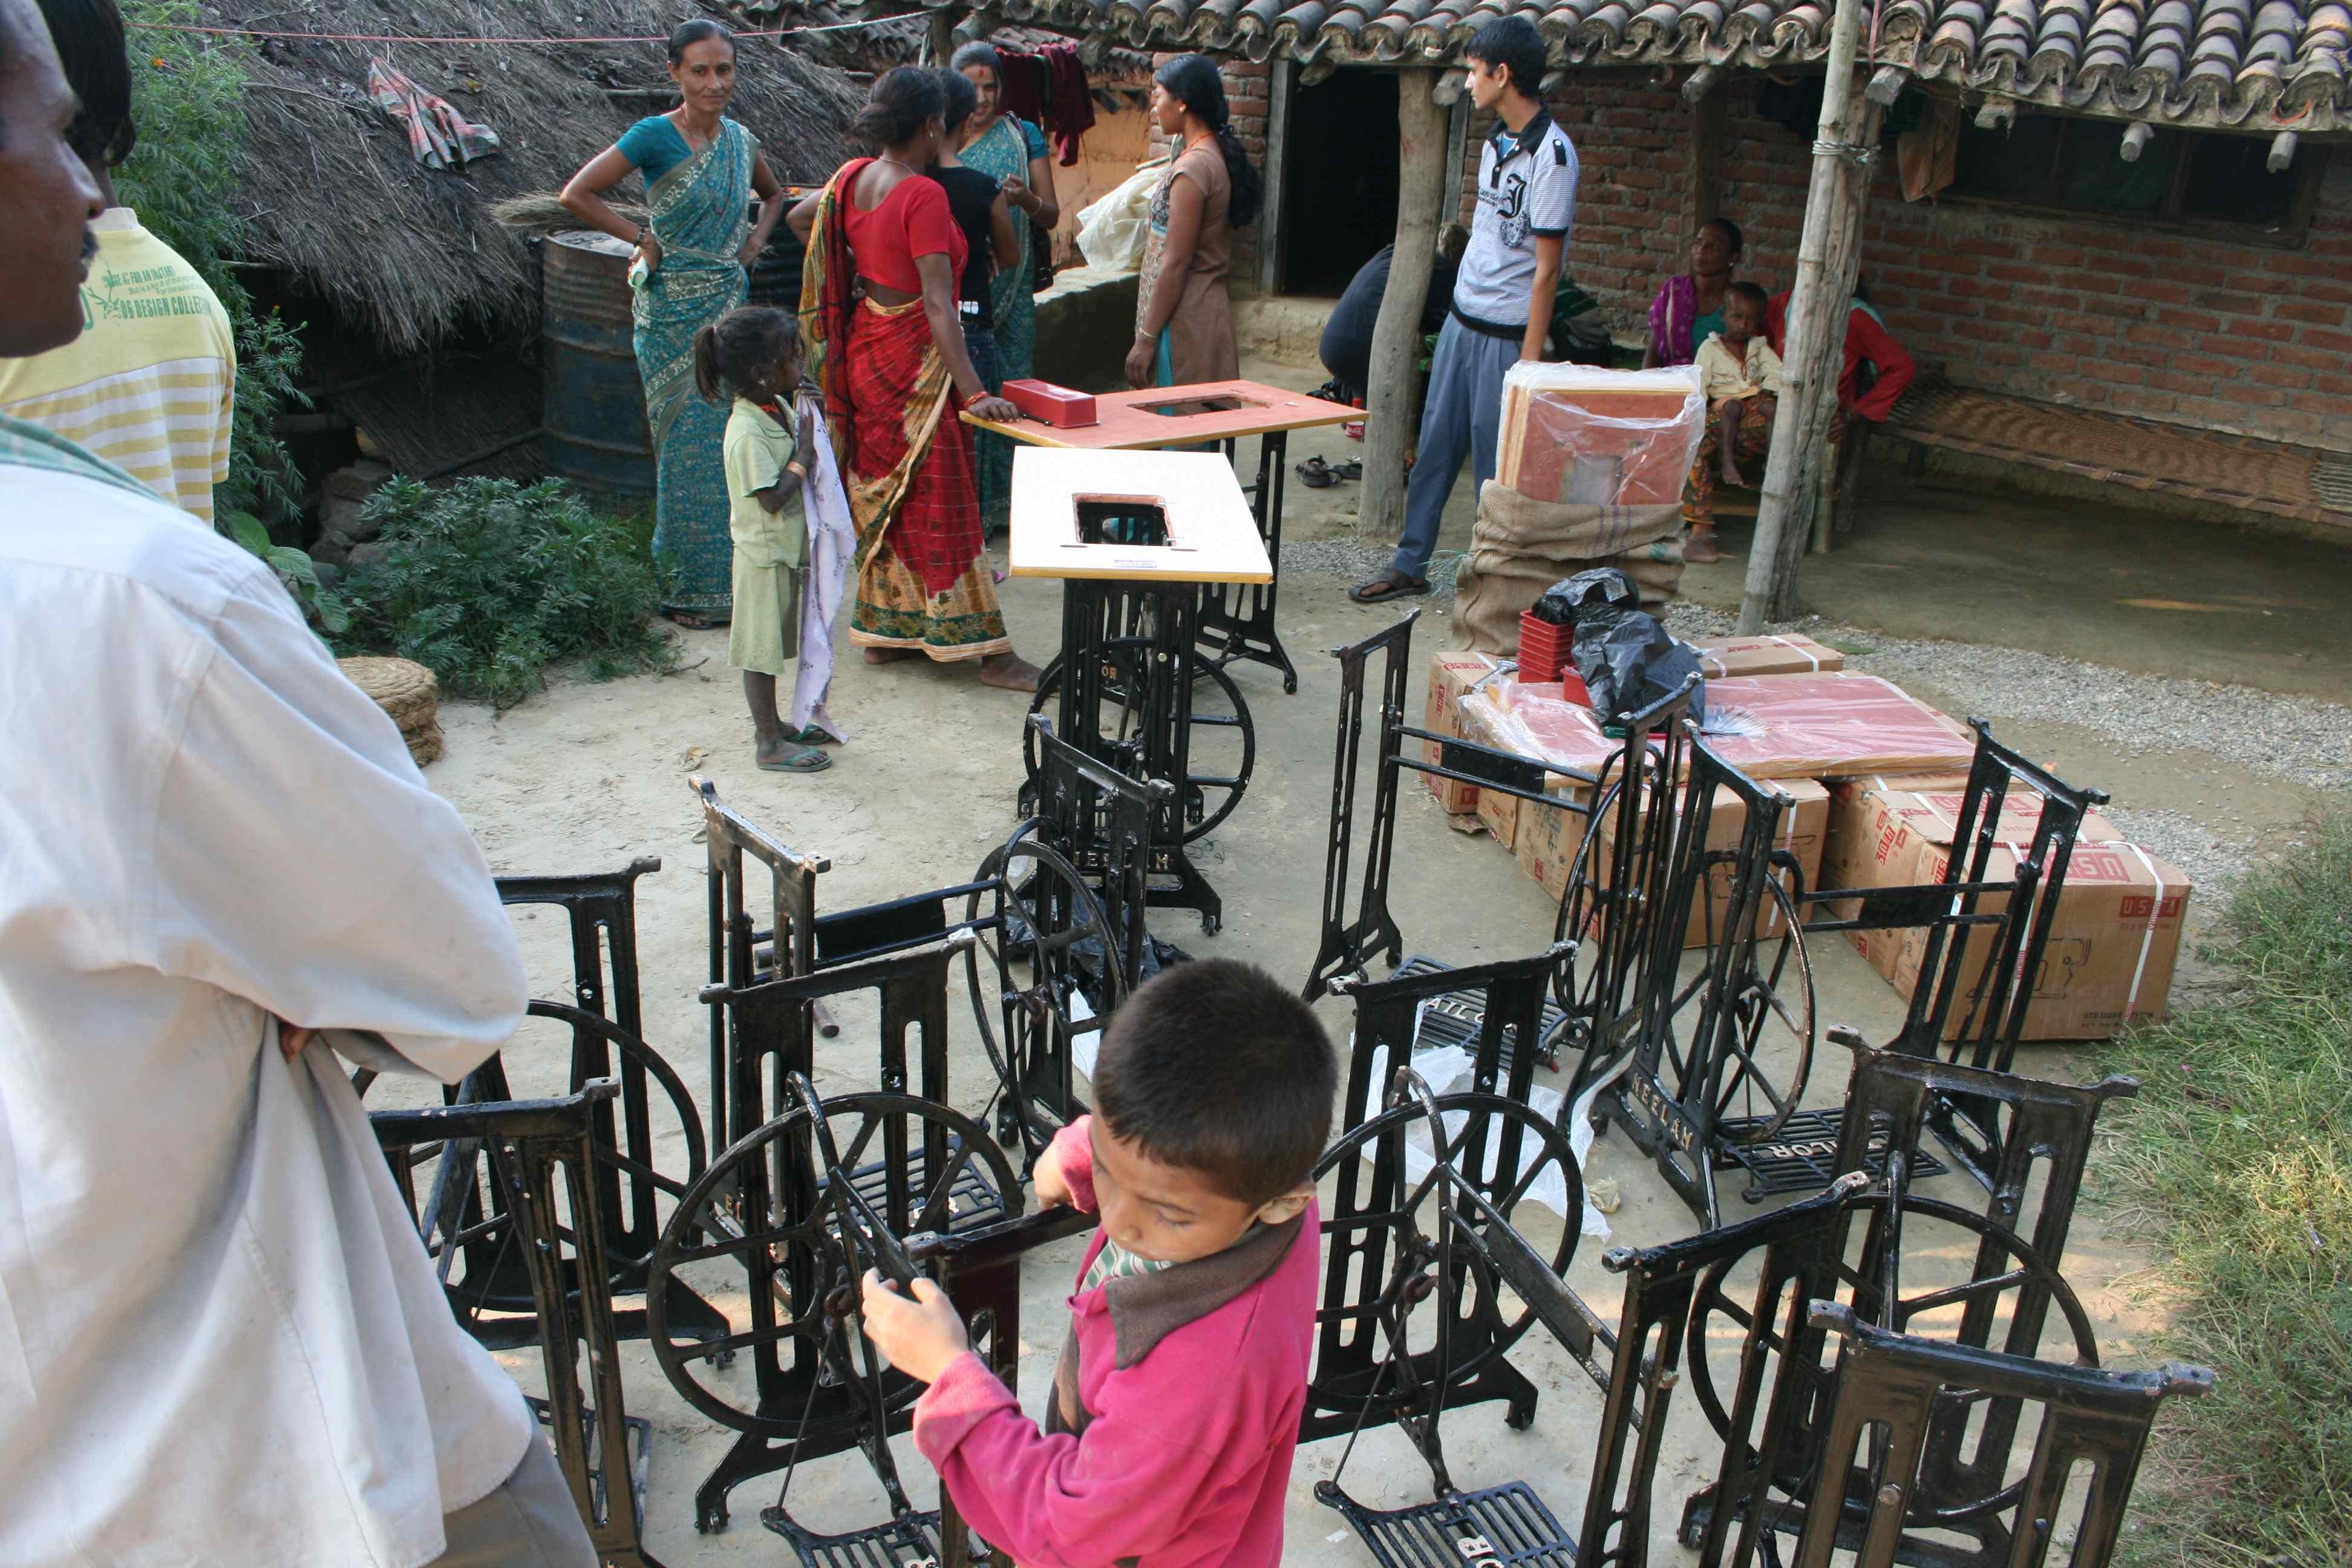 Maskiner og borde leveret udenfor Ashas hus